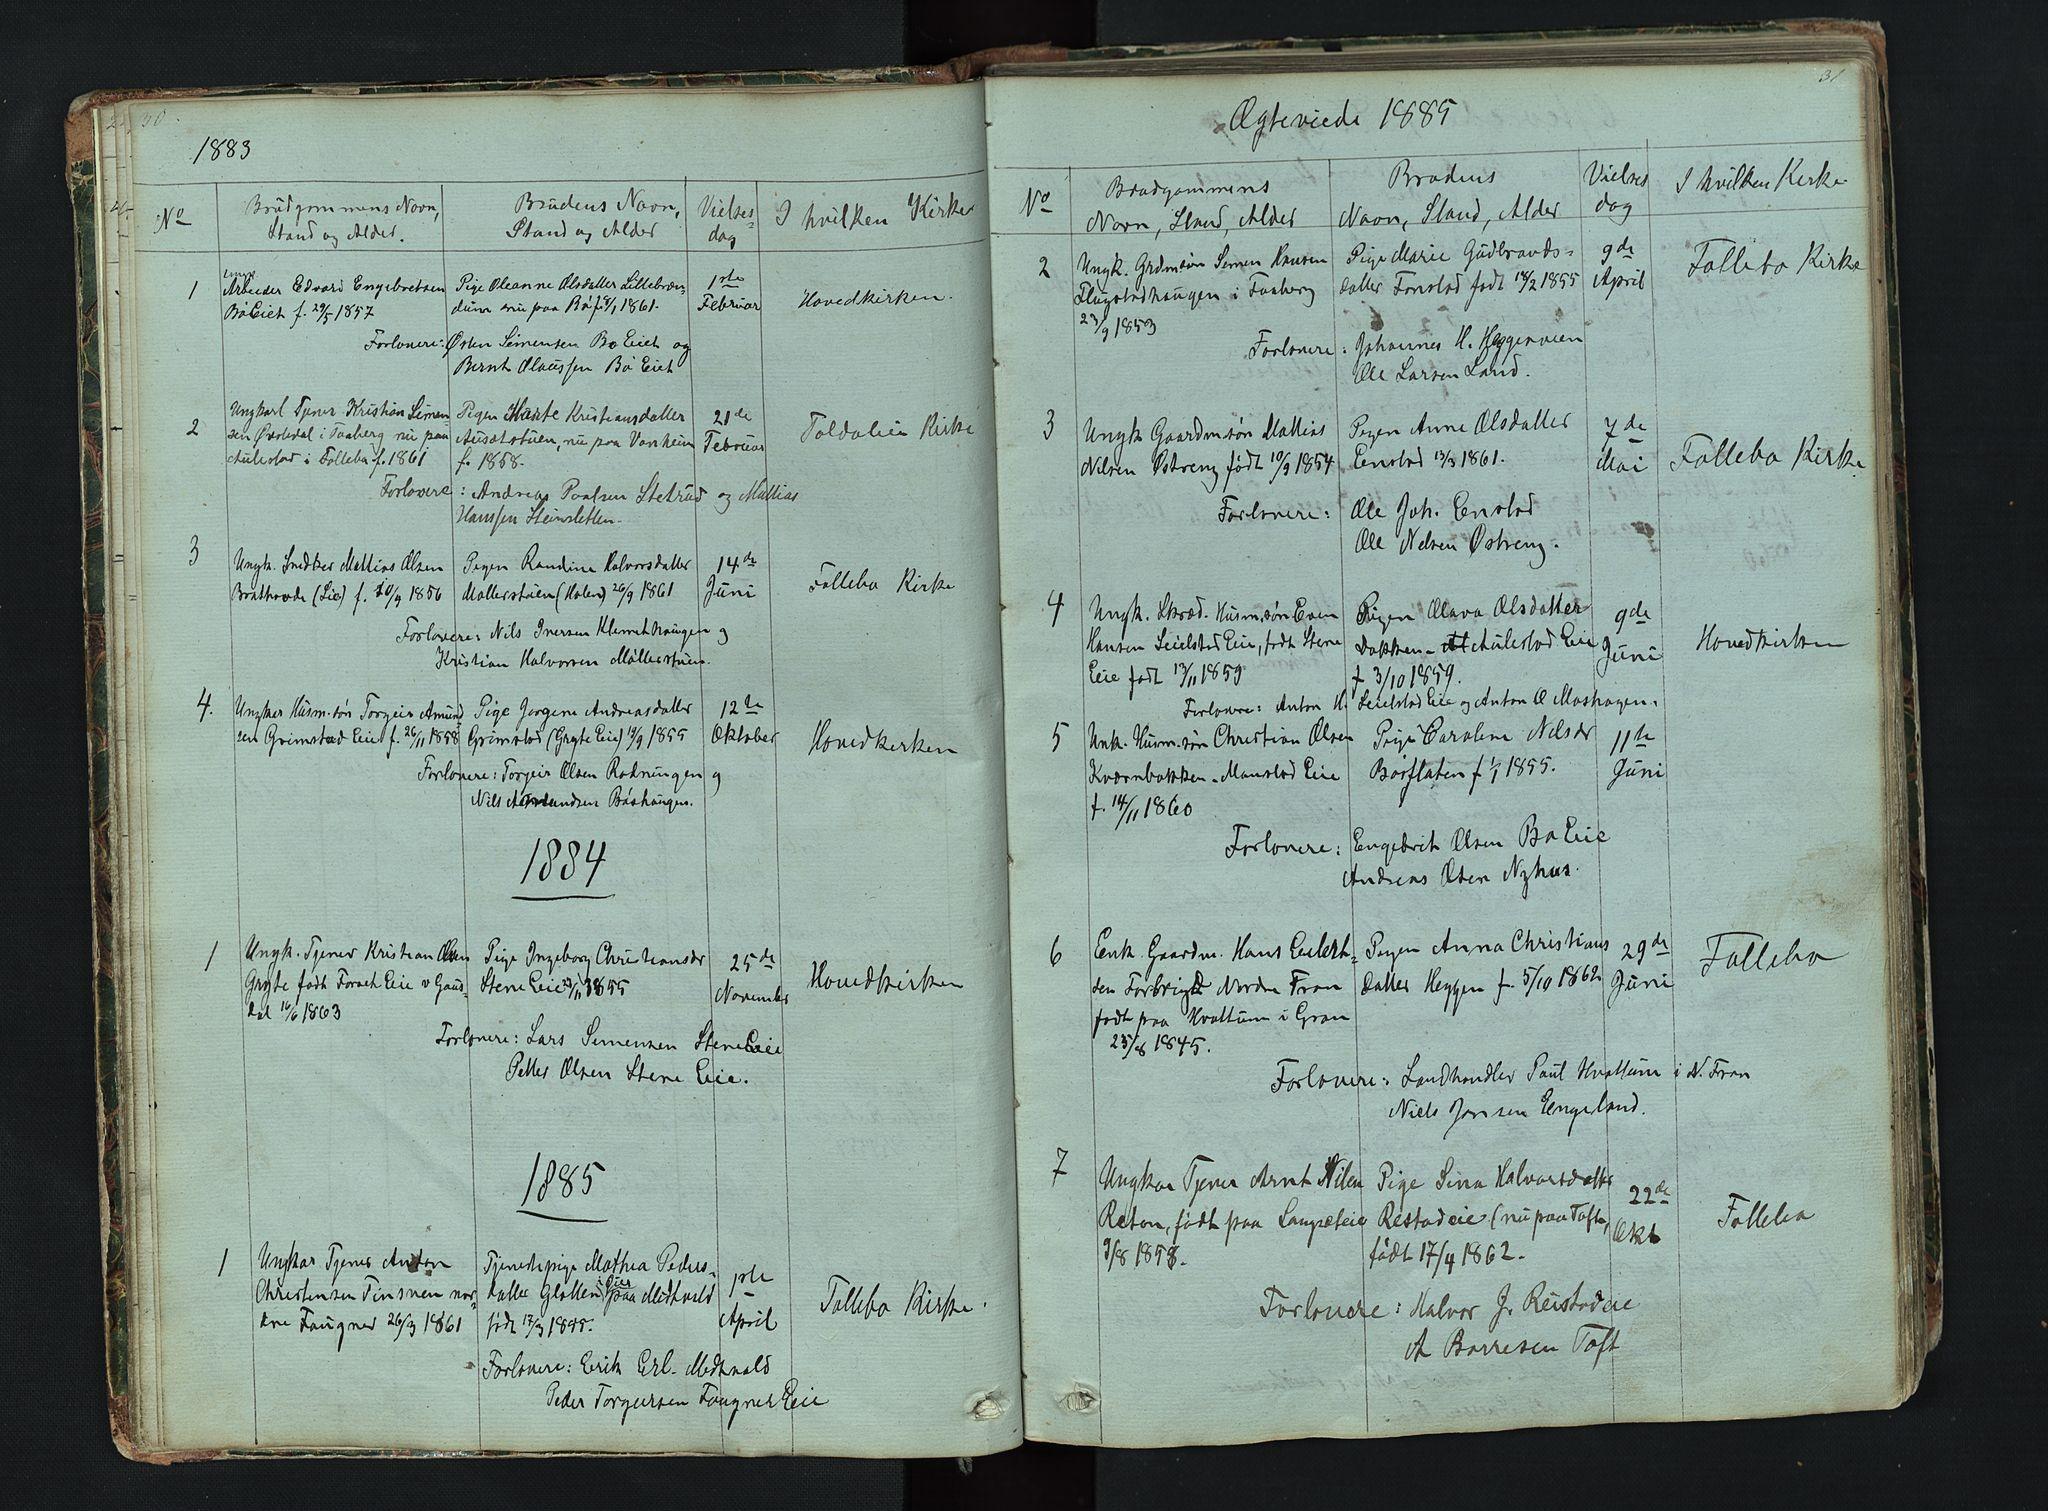 SAH, Gausdal prestekontor, Klokkerbok nr. 6, 1846-1893, s. 30-31